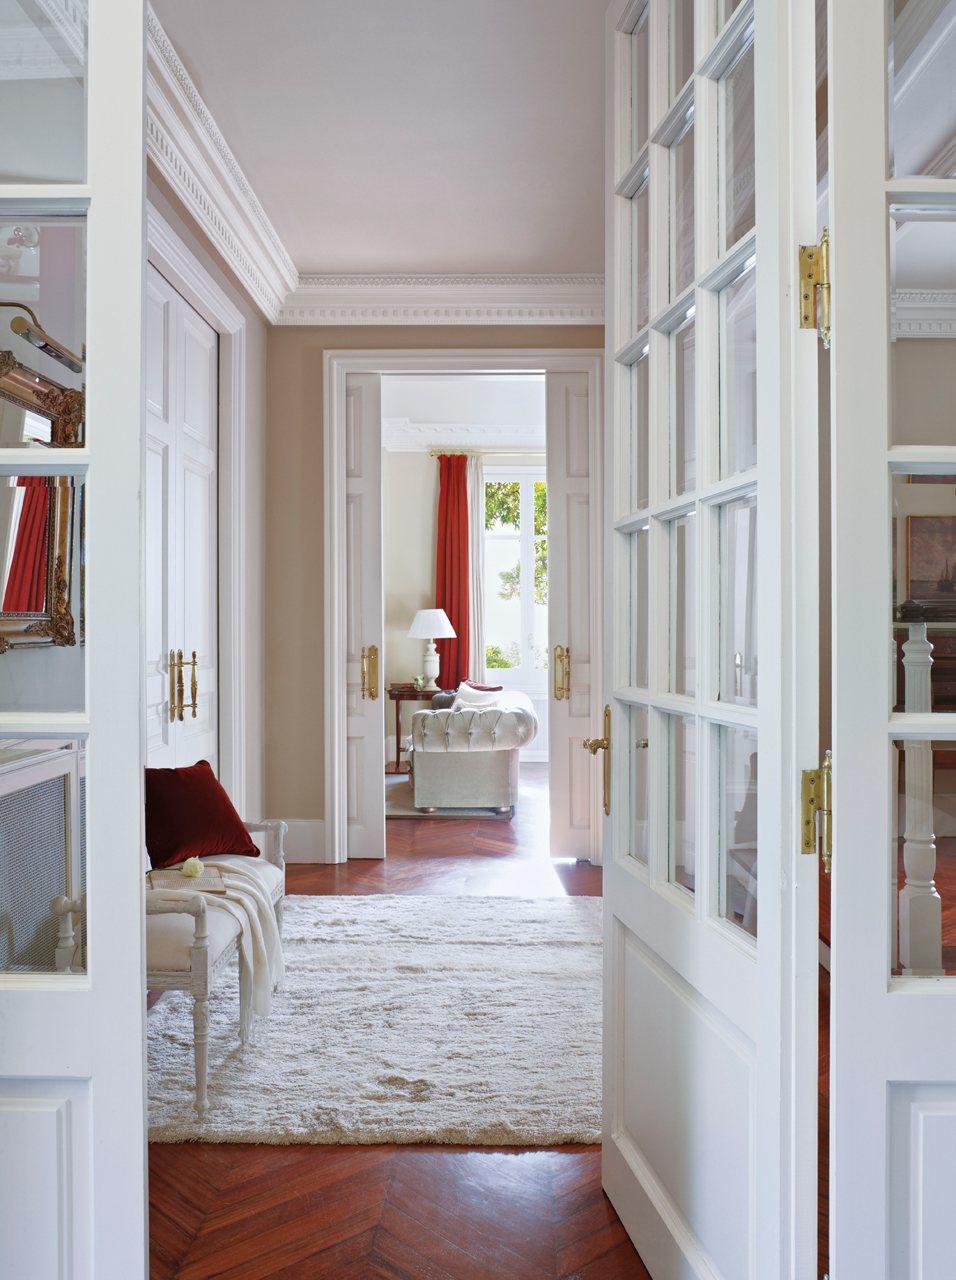 Renueva tu casa con poca inversi n - Puertas de madera clasicas ...